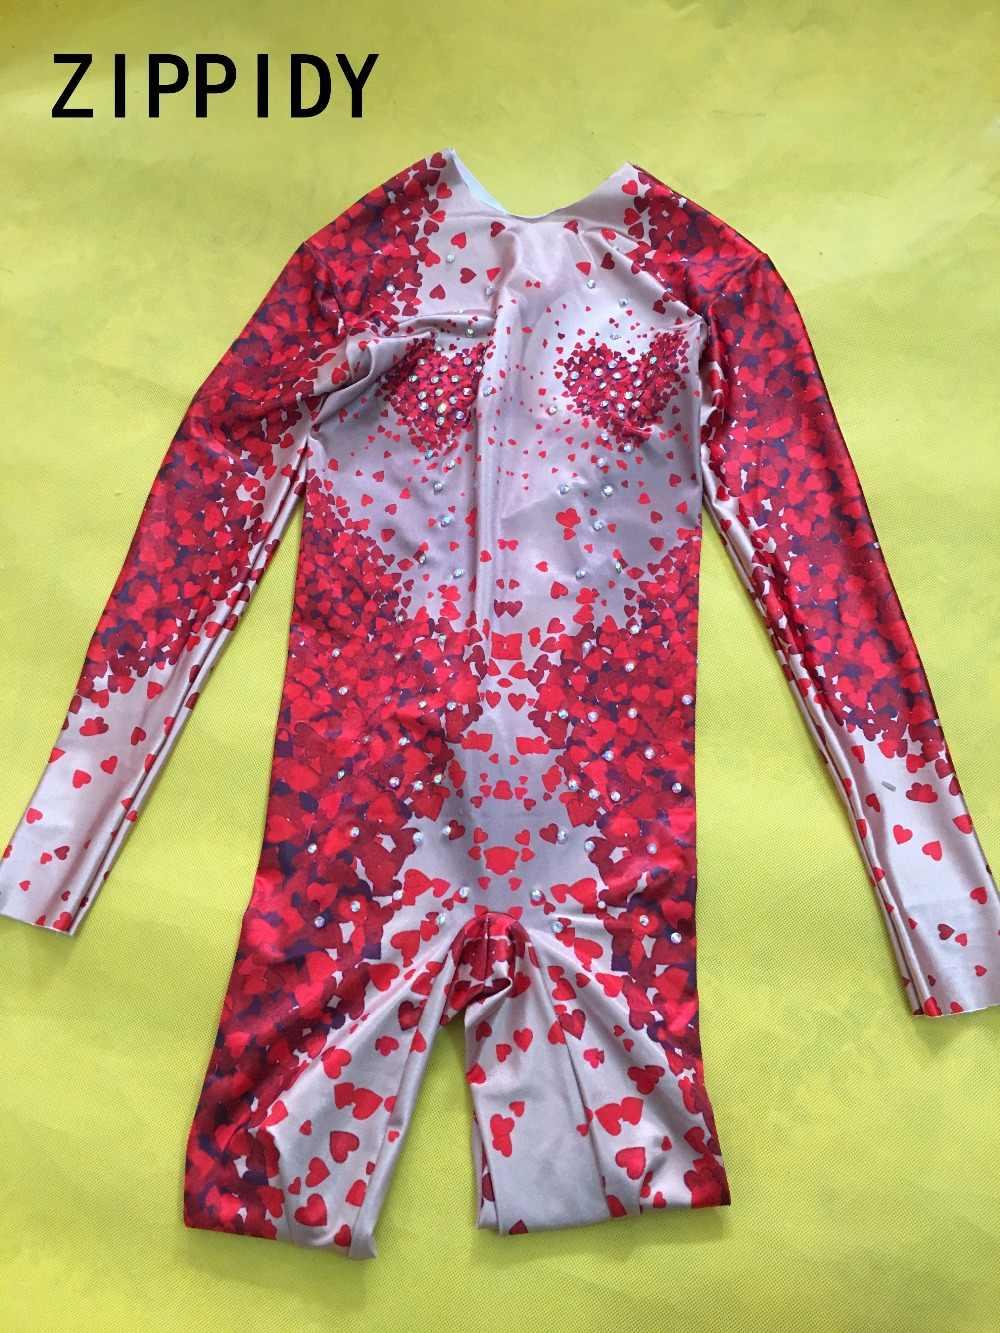 Mode sexy Rot Herz Form Muster Overall Strass Ein Stück Große Stretch Kostüm frauen Party Outfit Bühne Sängerin Zeigen